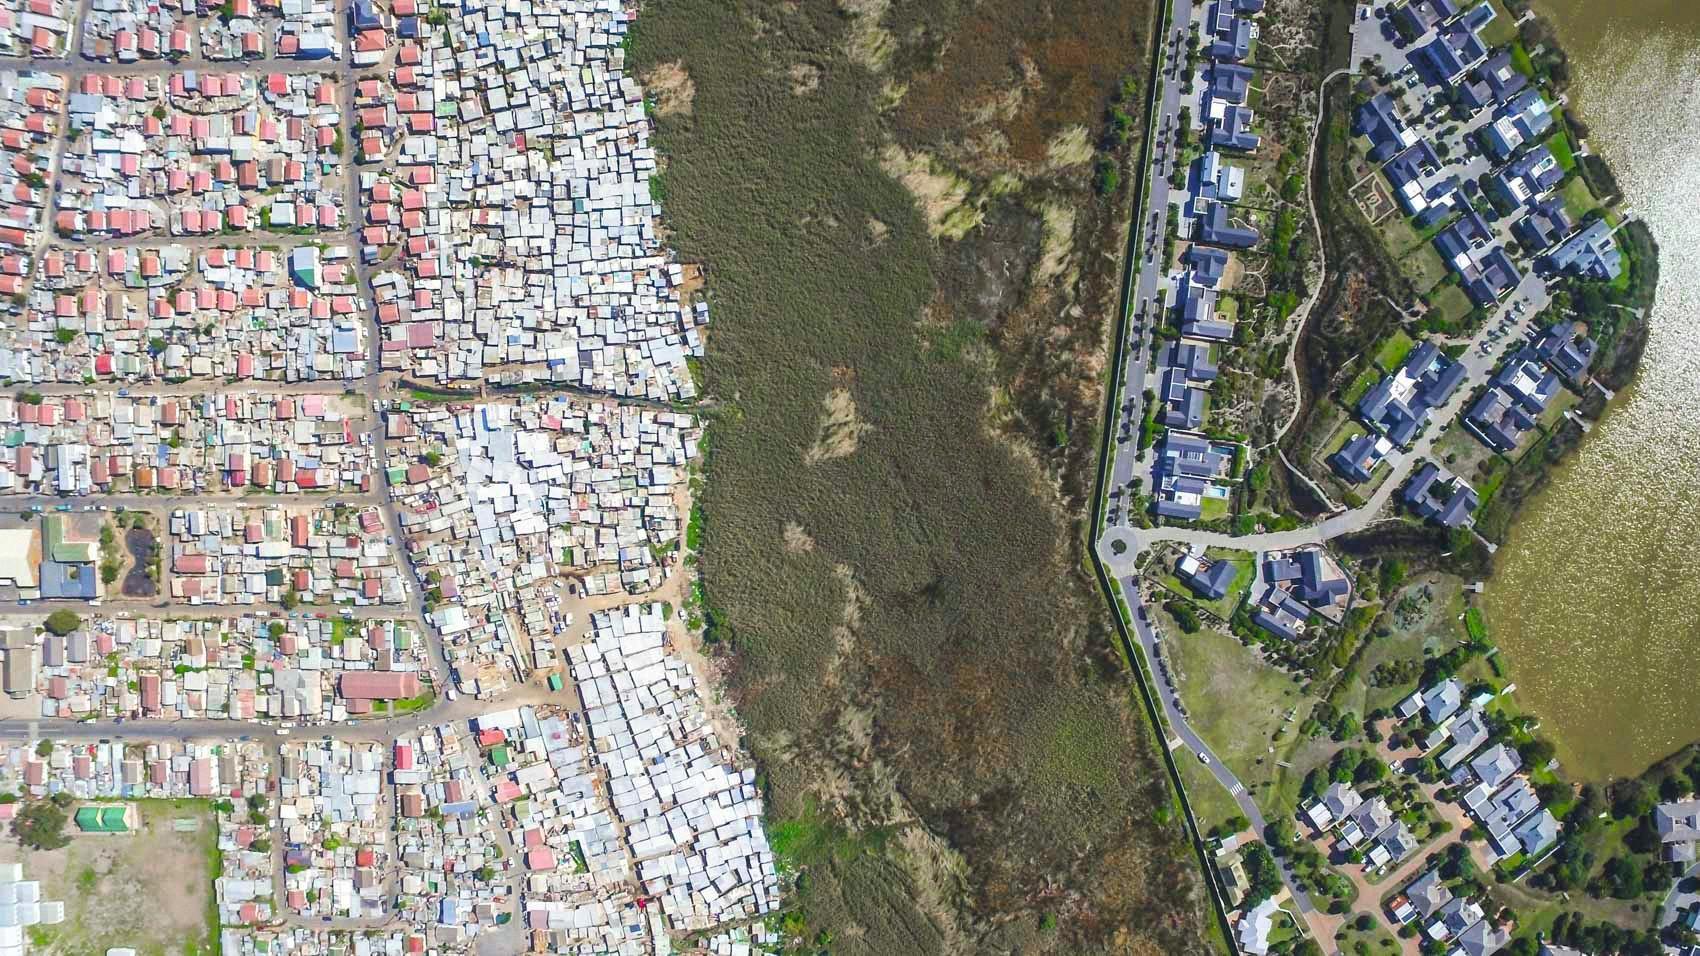 Une ségrégation urbaine issue de l'Apartheid